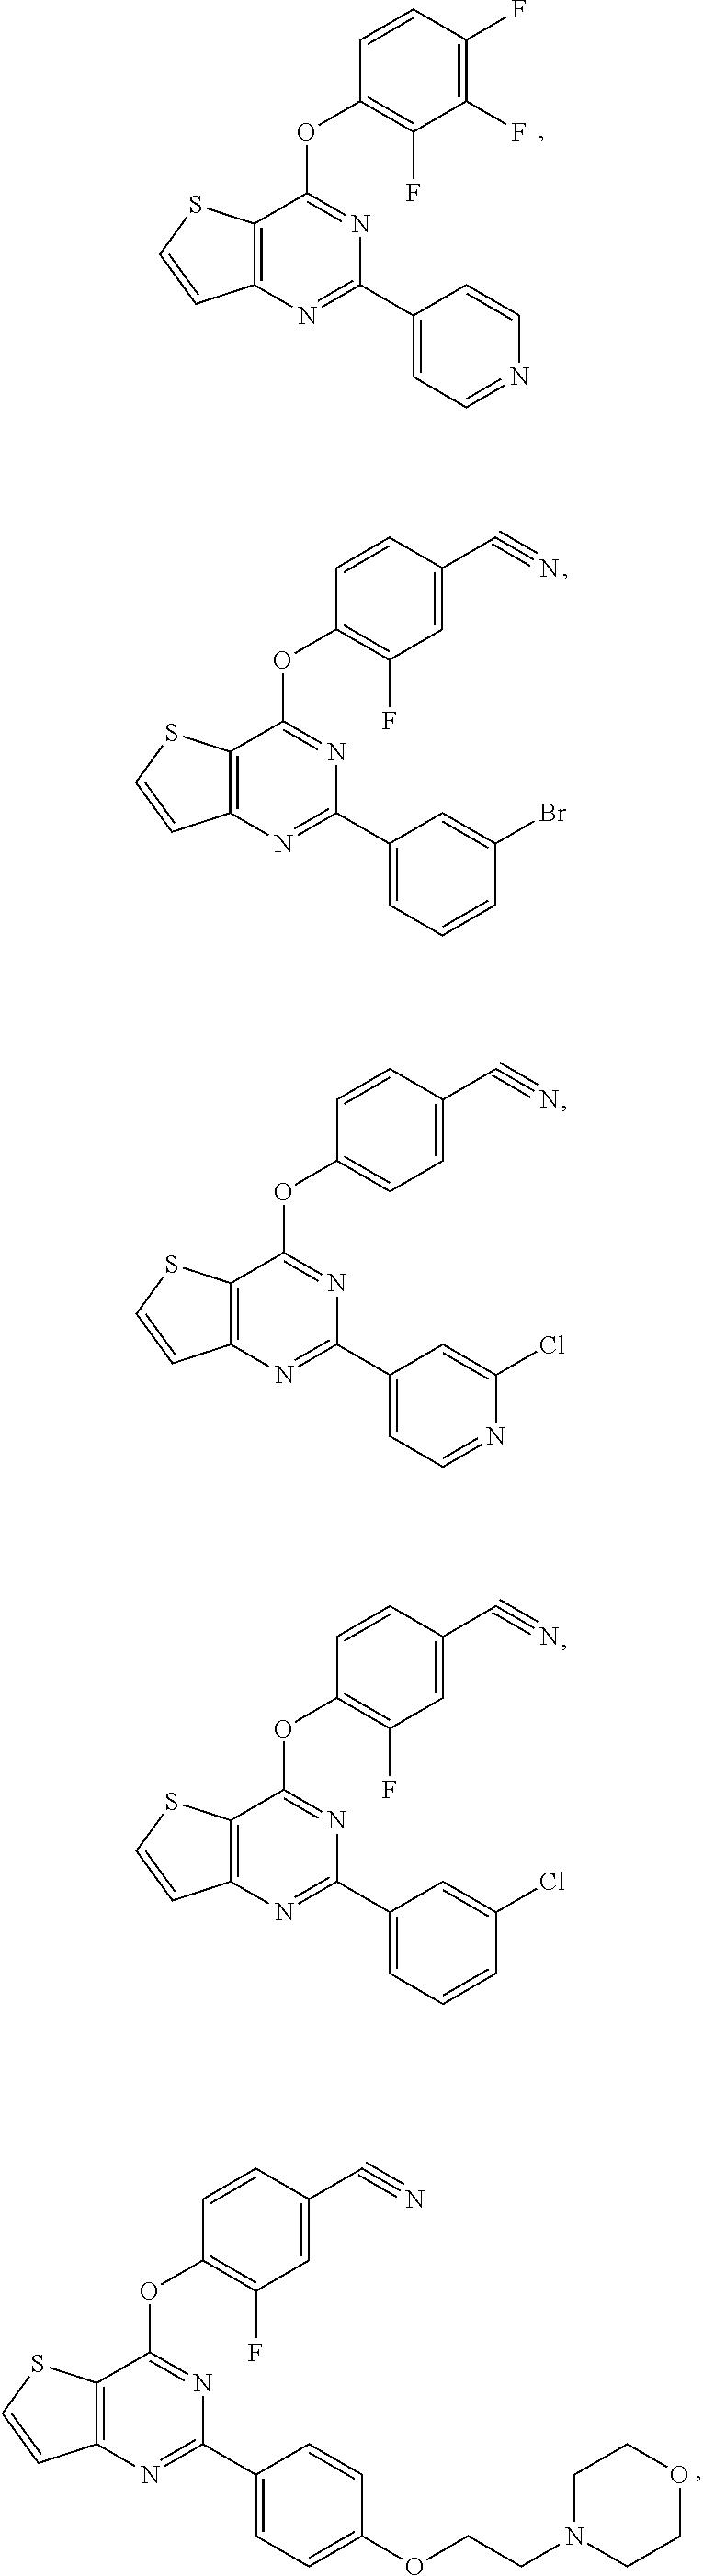 Figure US08889123-20141118-C00060